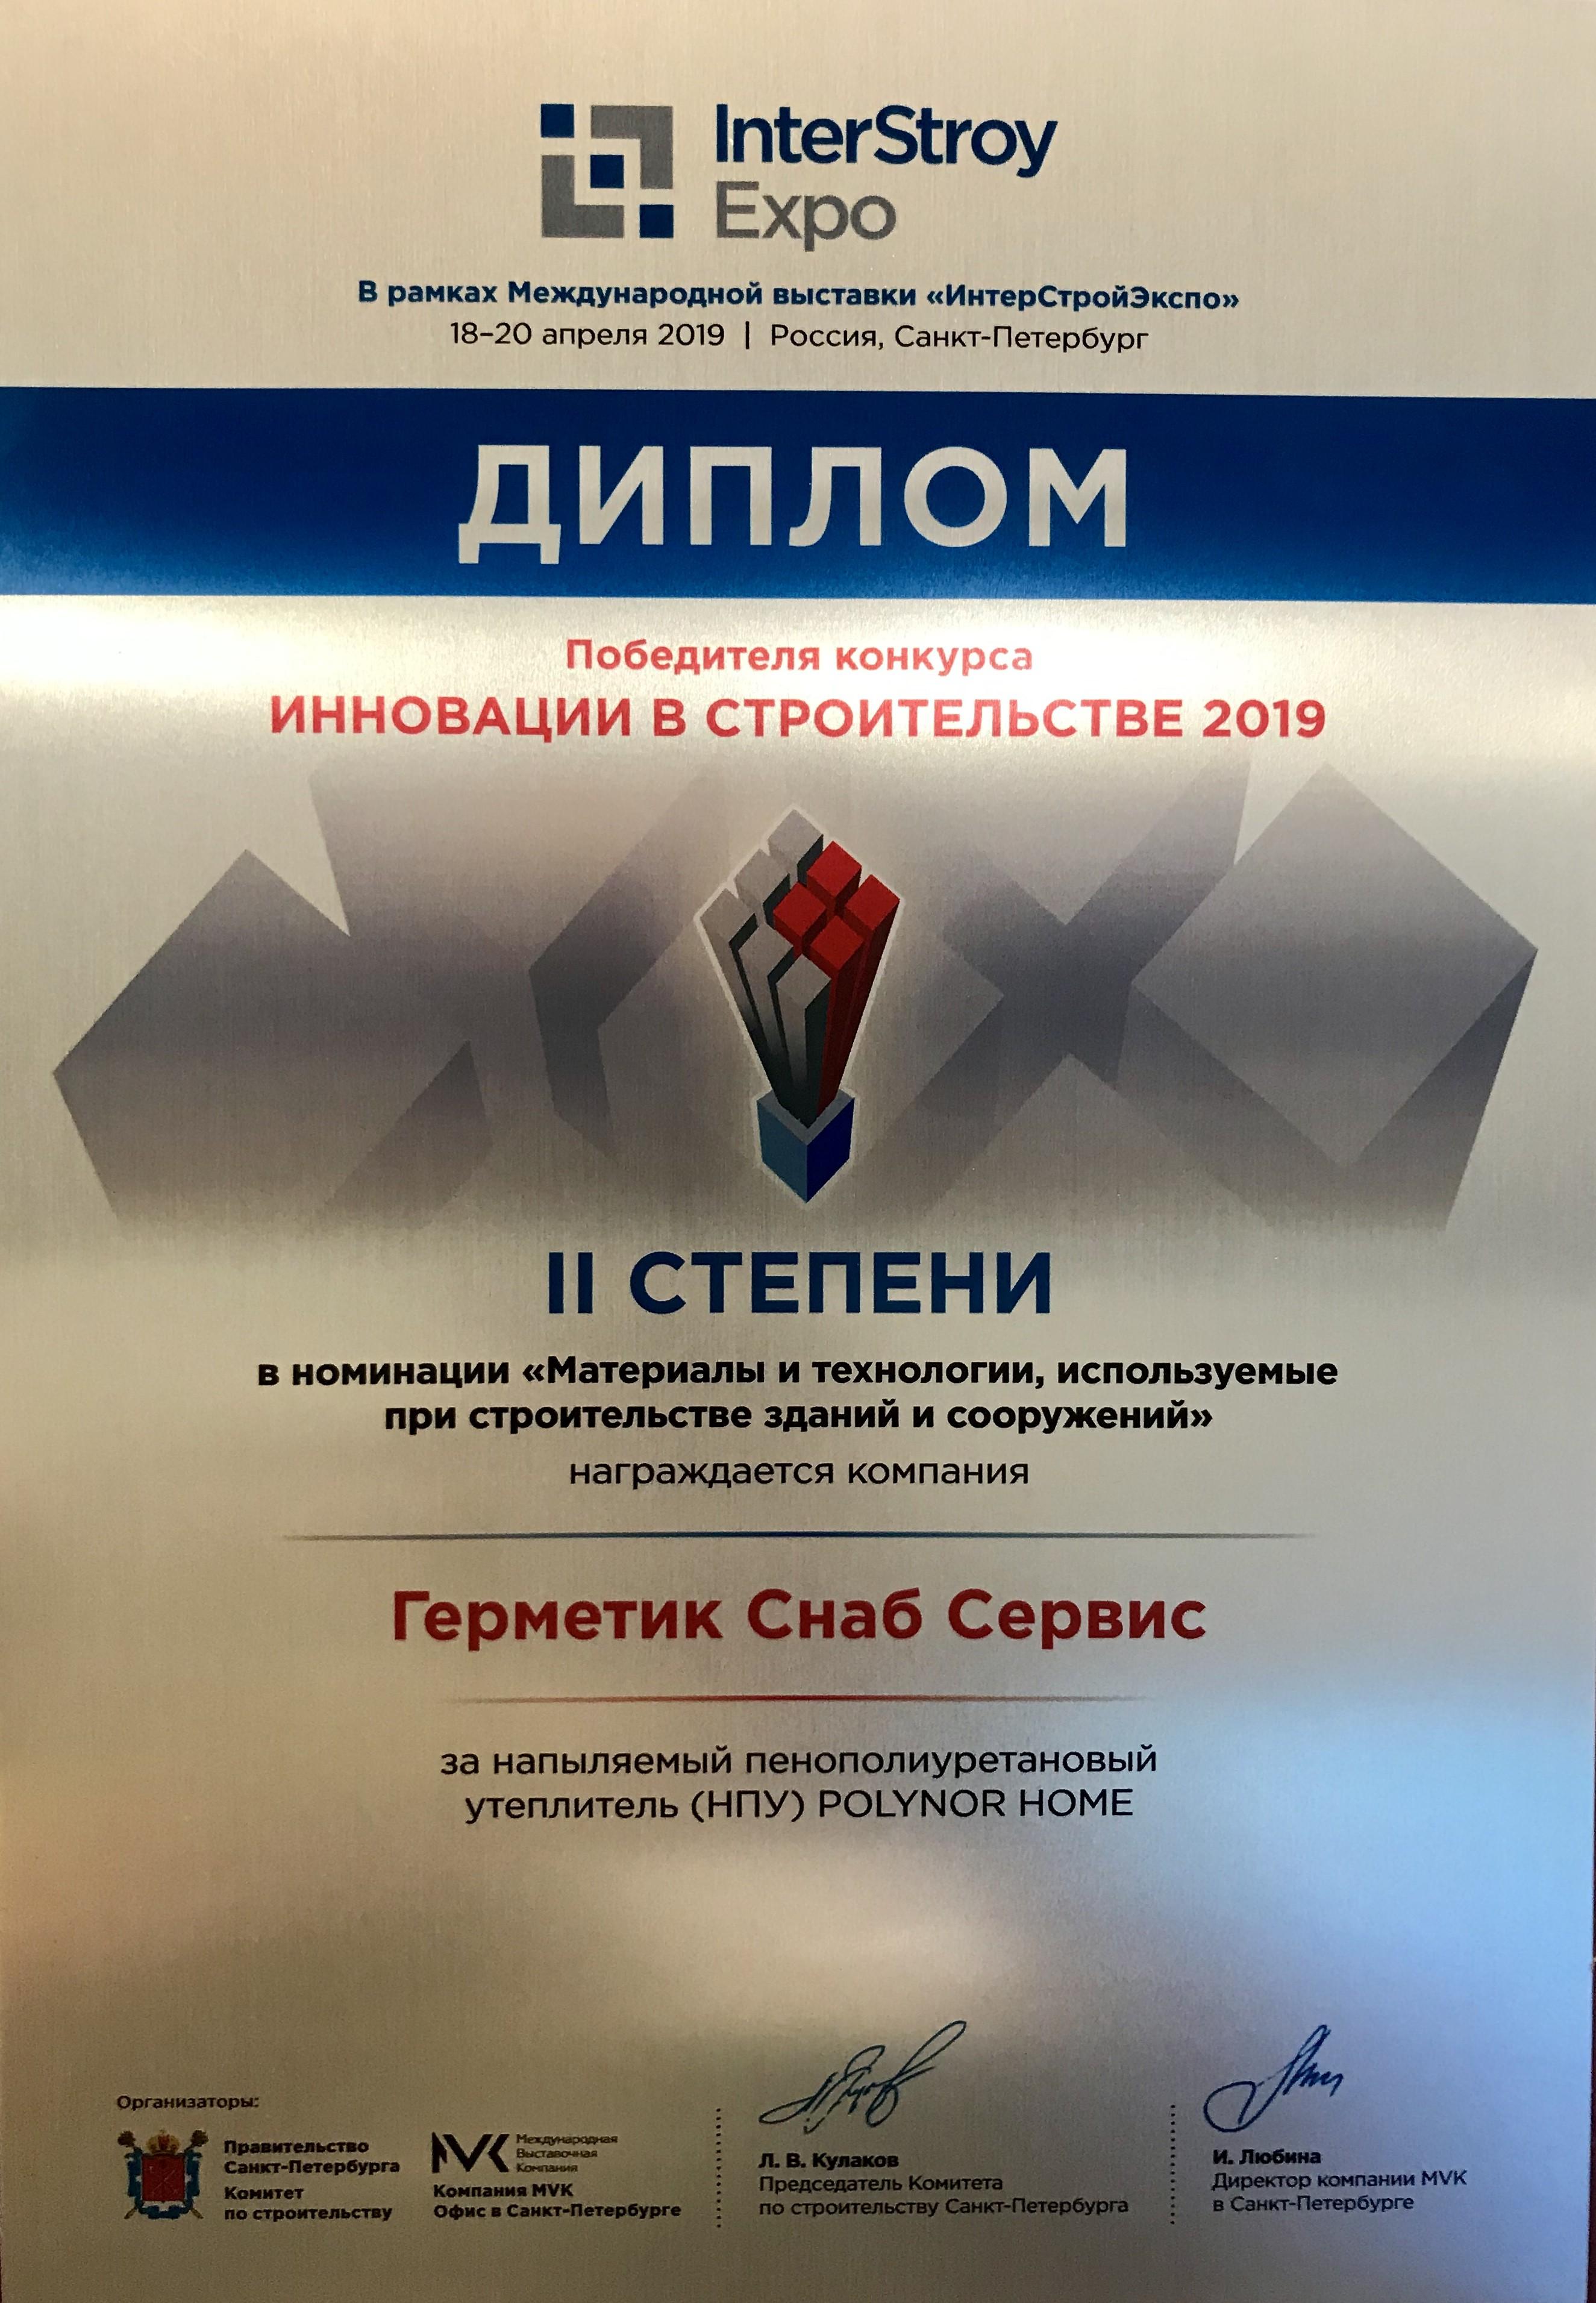 POLYNOR HOME победитель конкурса «Инновации в строительстве» в рамках 25-й Международной выставки «ИнтерСтройЭкспо»